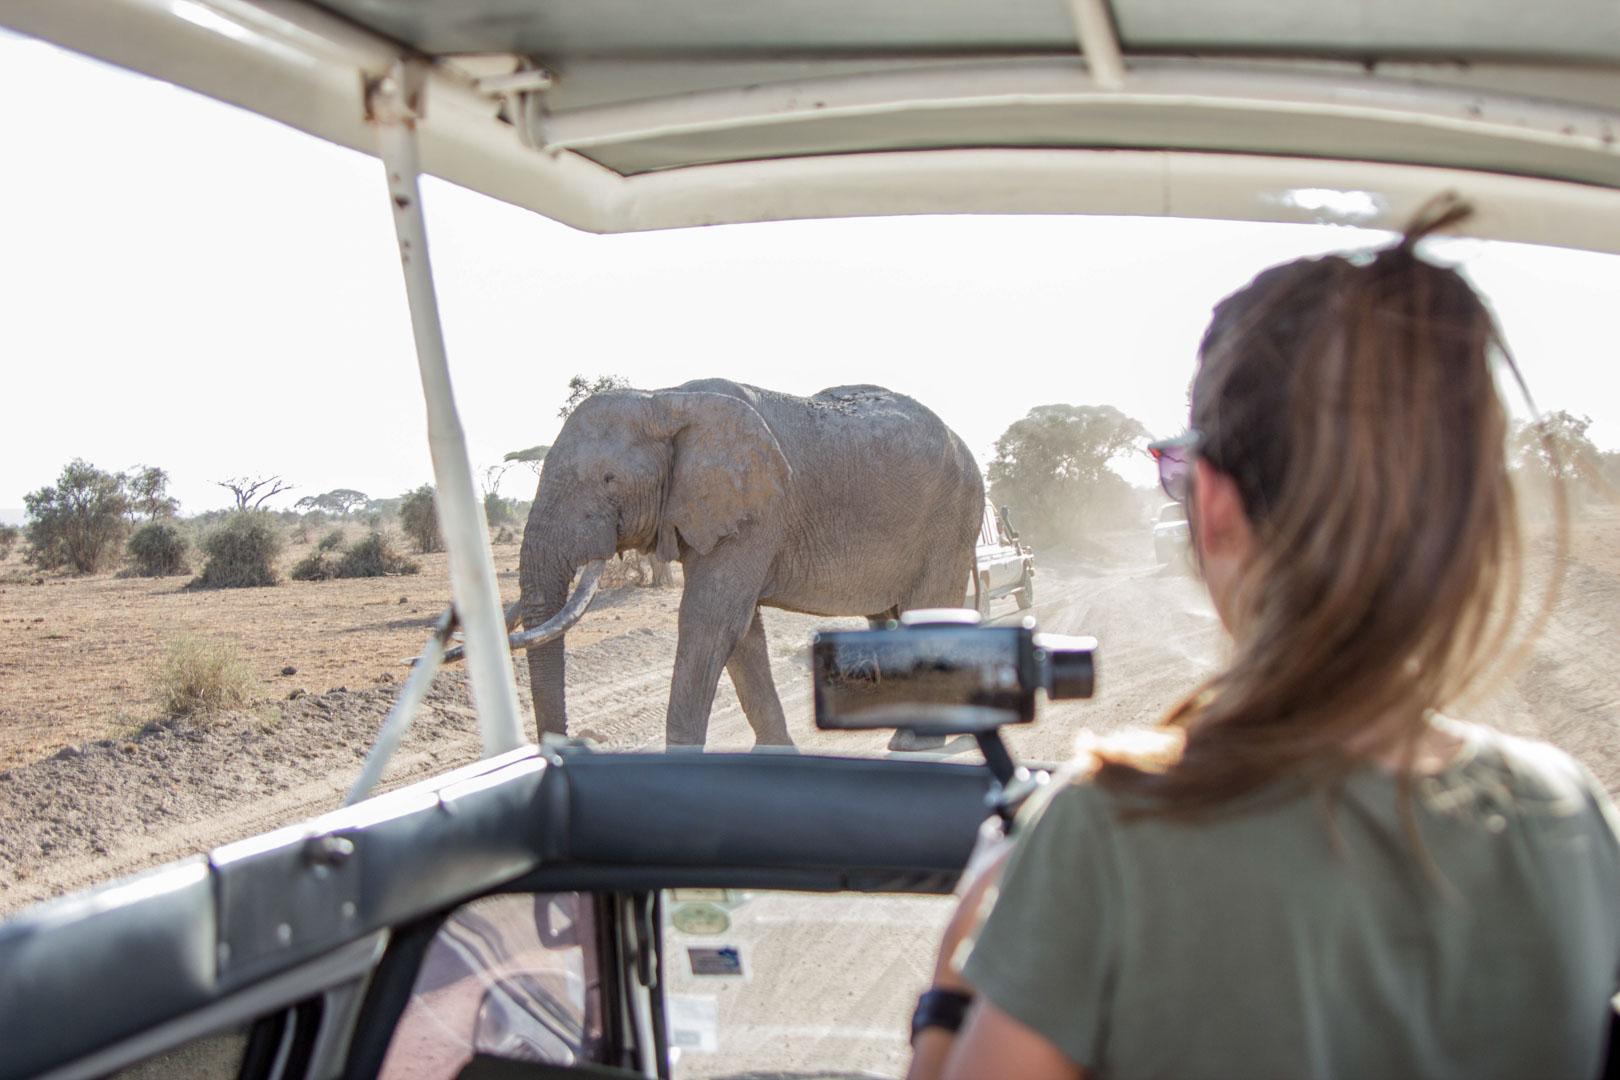 Elefante cruzando el camino, Parque Nacional de Amboseli, Kenia